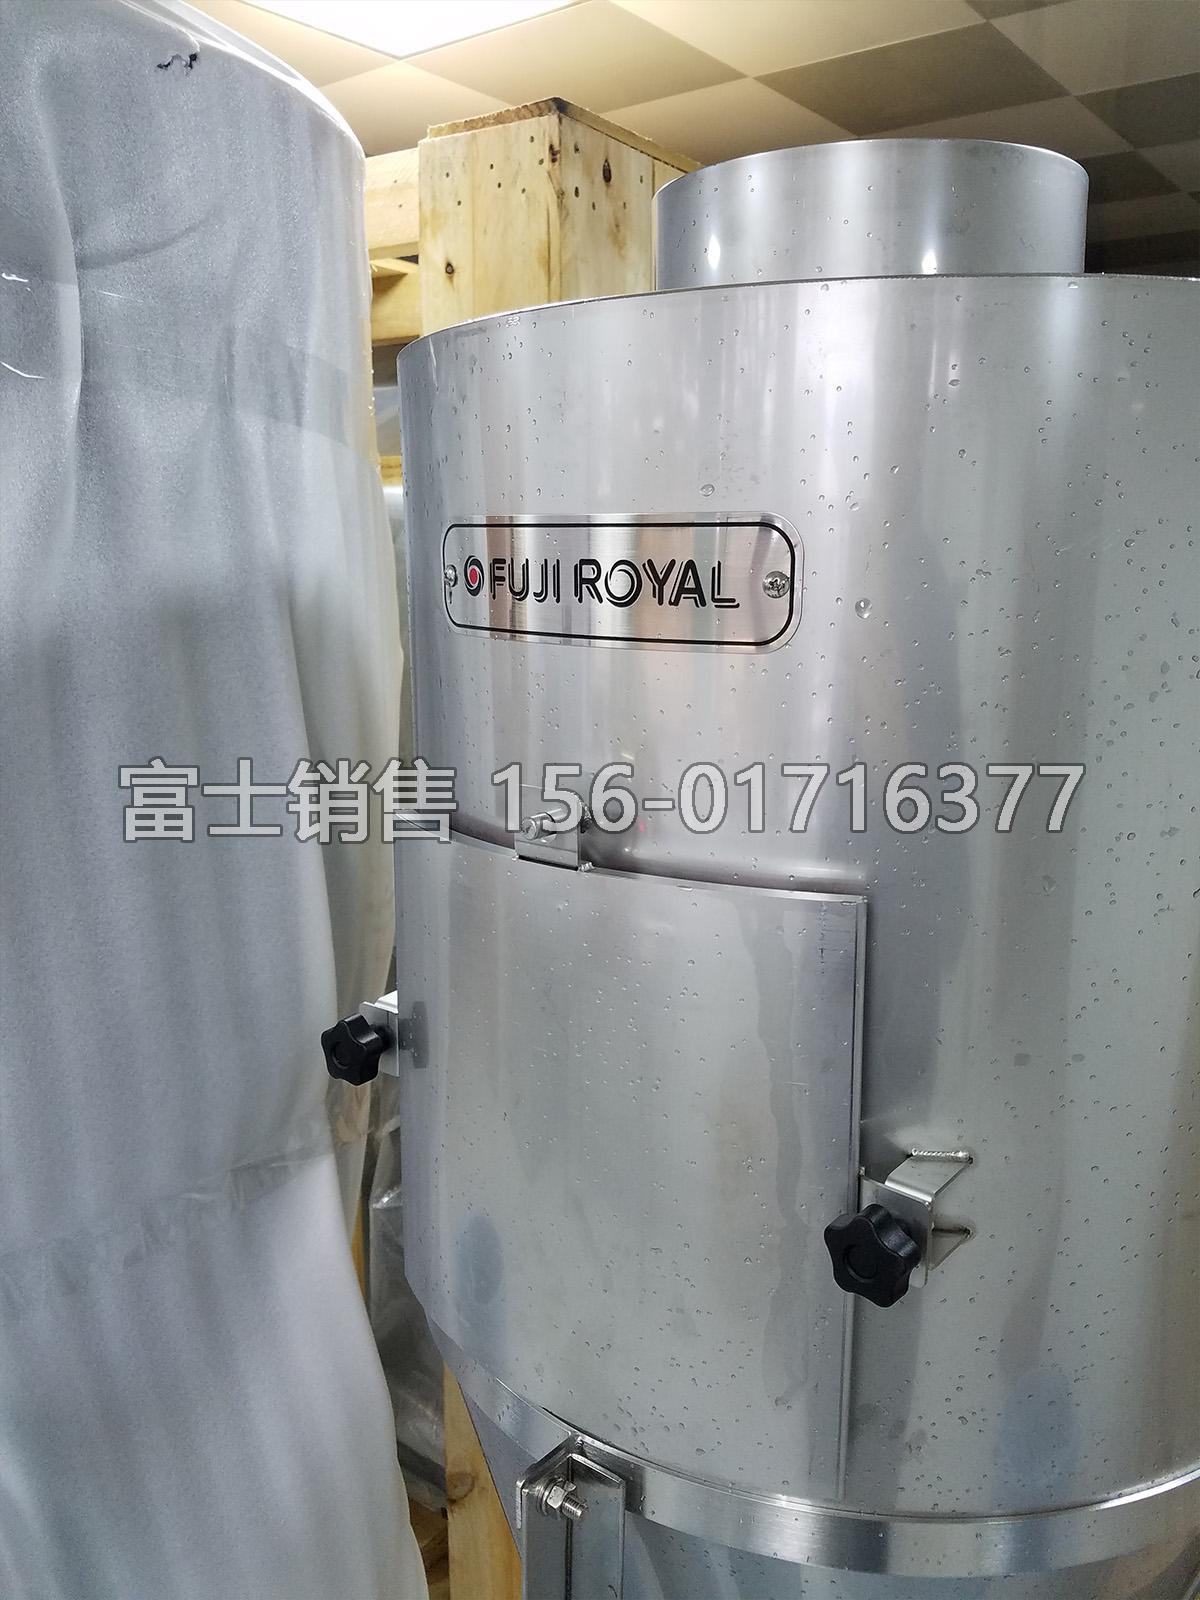 富士皇家R-110(10公斤)咖啡烘焙机到货通知 (2018年11月21日)